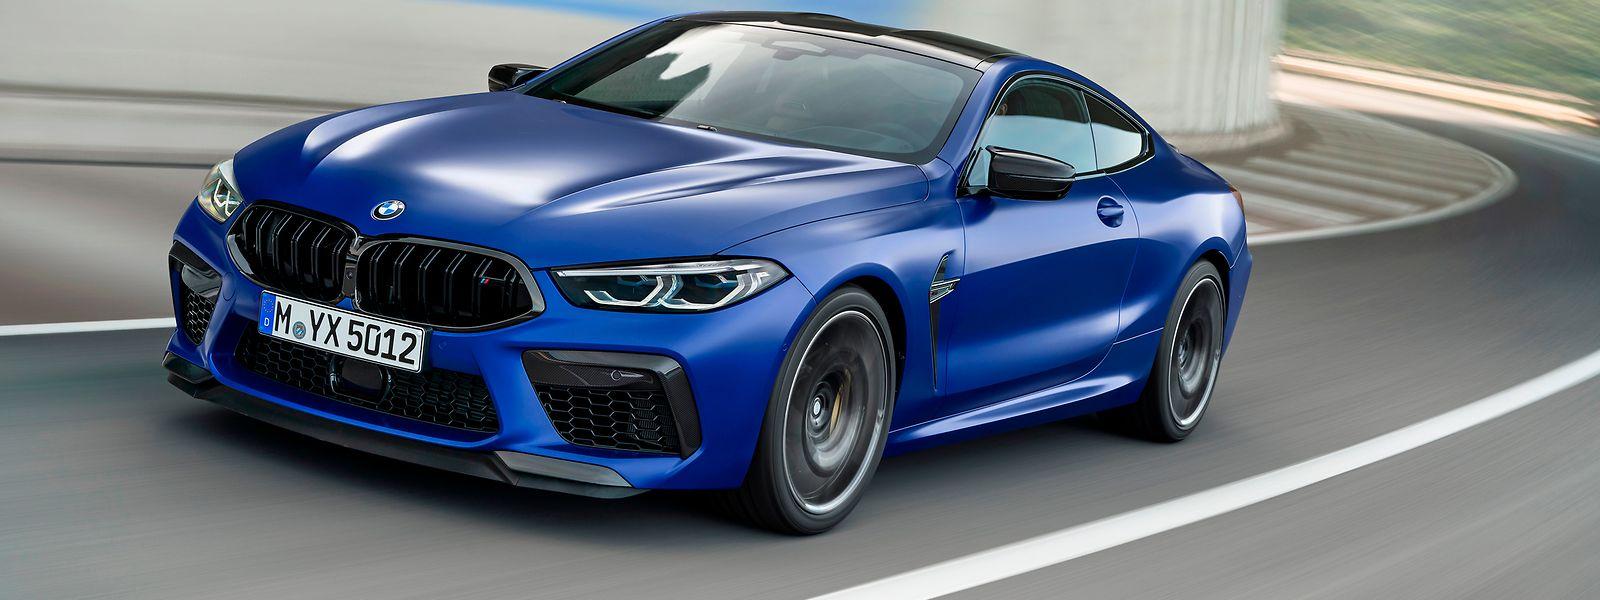 Das BMW M8 Coupé macht optisch keinen Hehl aus seinen sportlichen Qualitäten